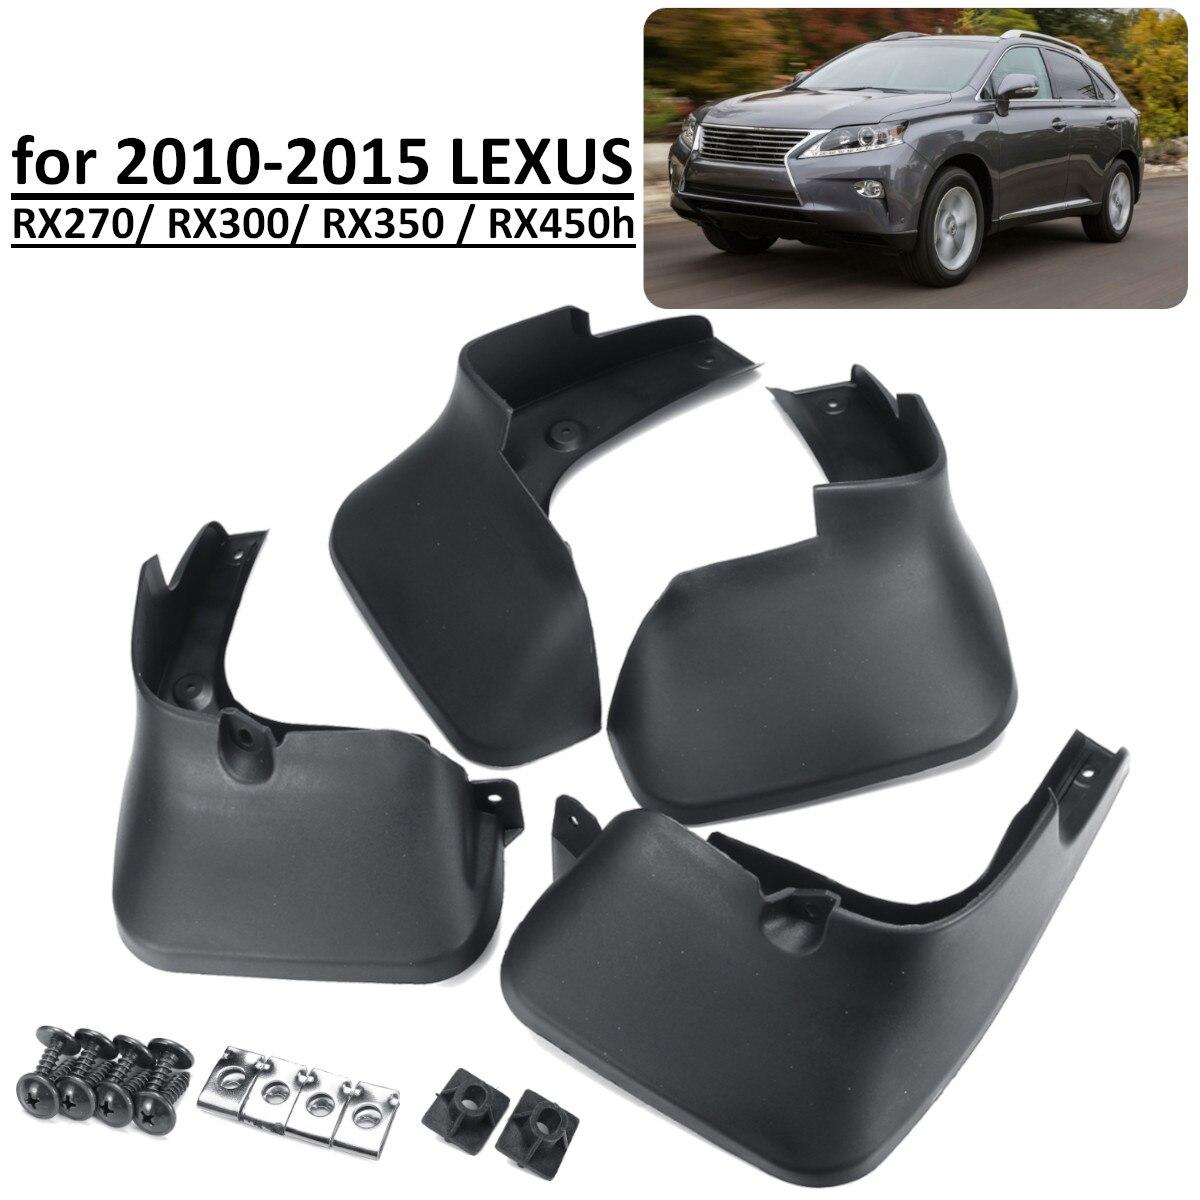 واقيات الطين للسيارة لكزس RX RX270 RX300 RX350 RX450H 2010-2015 واقيات الطين واقيات الطين وملحقاتها